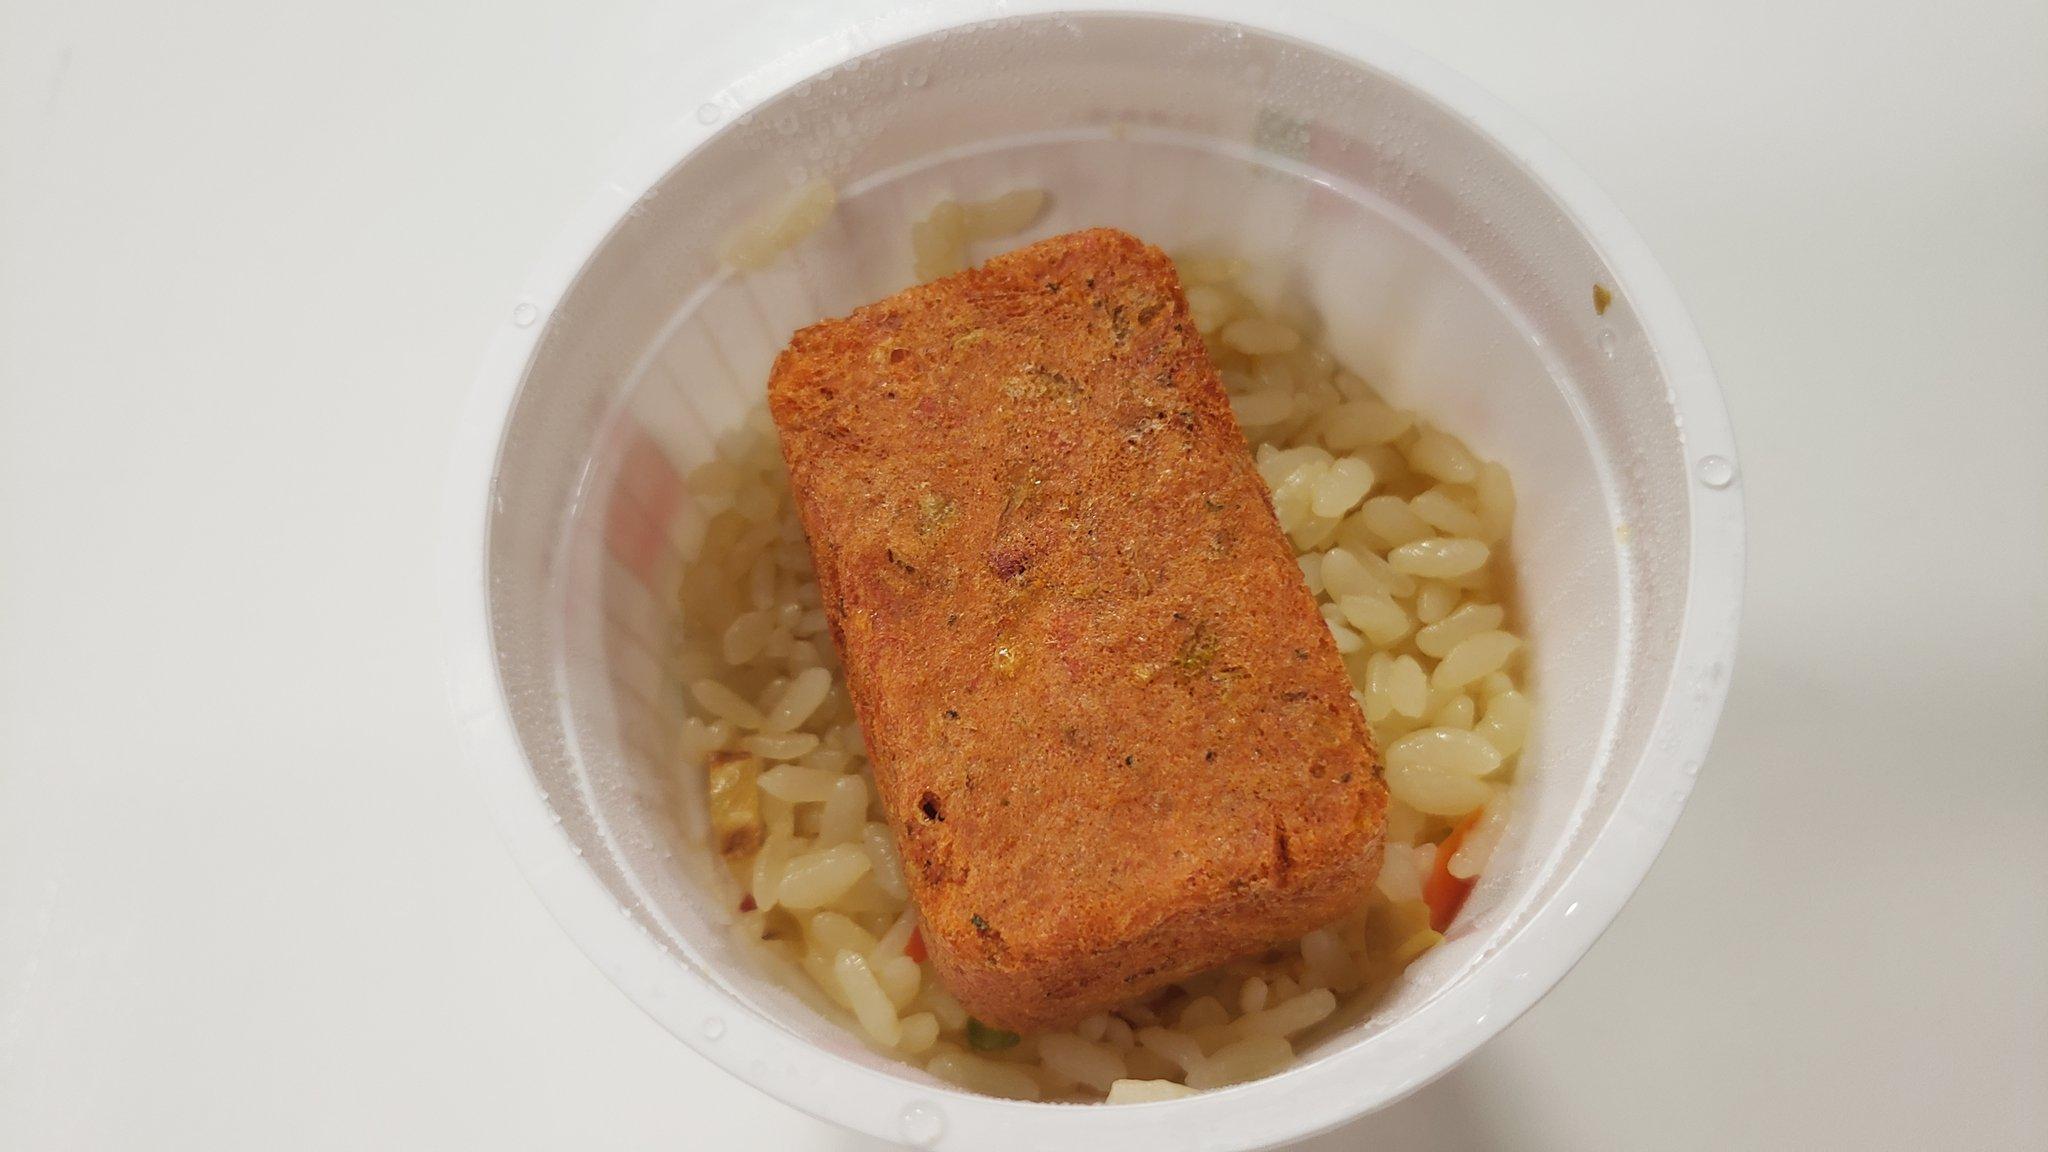 セブンイレブンの食材だけでOK!?「トマトバターリゾット」の作り方!